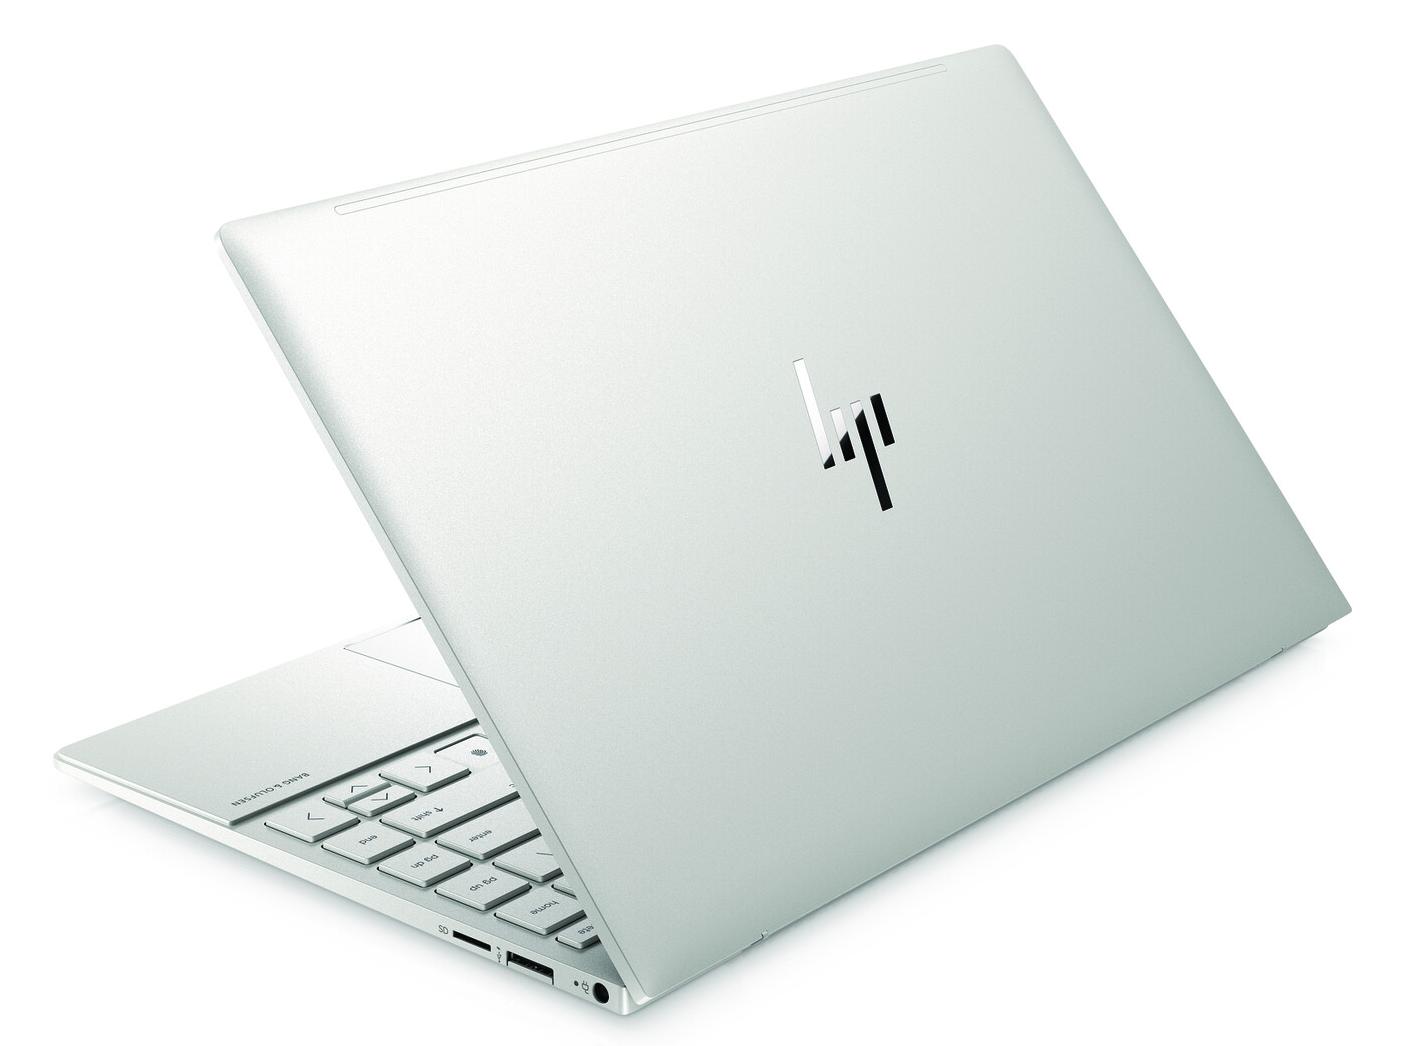 HP Envy x360 13 (2020) review